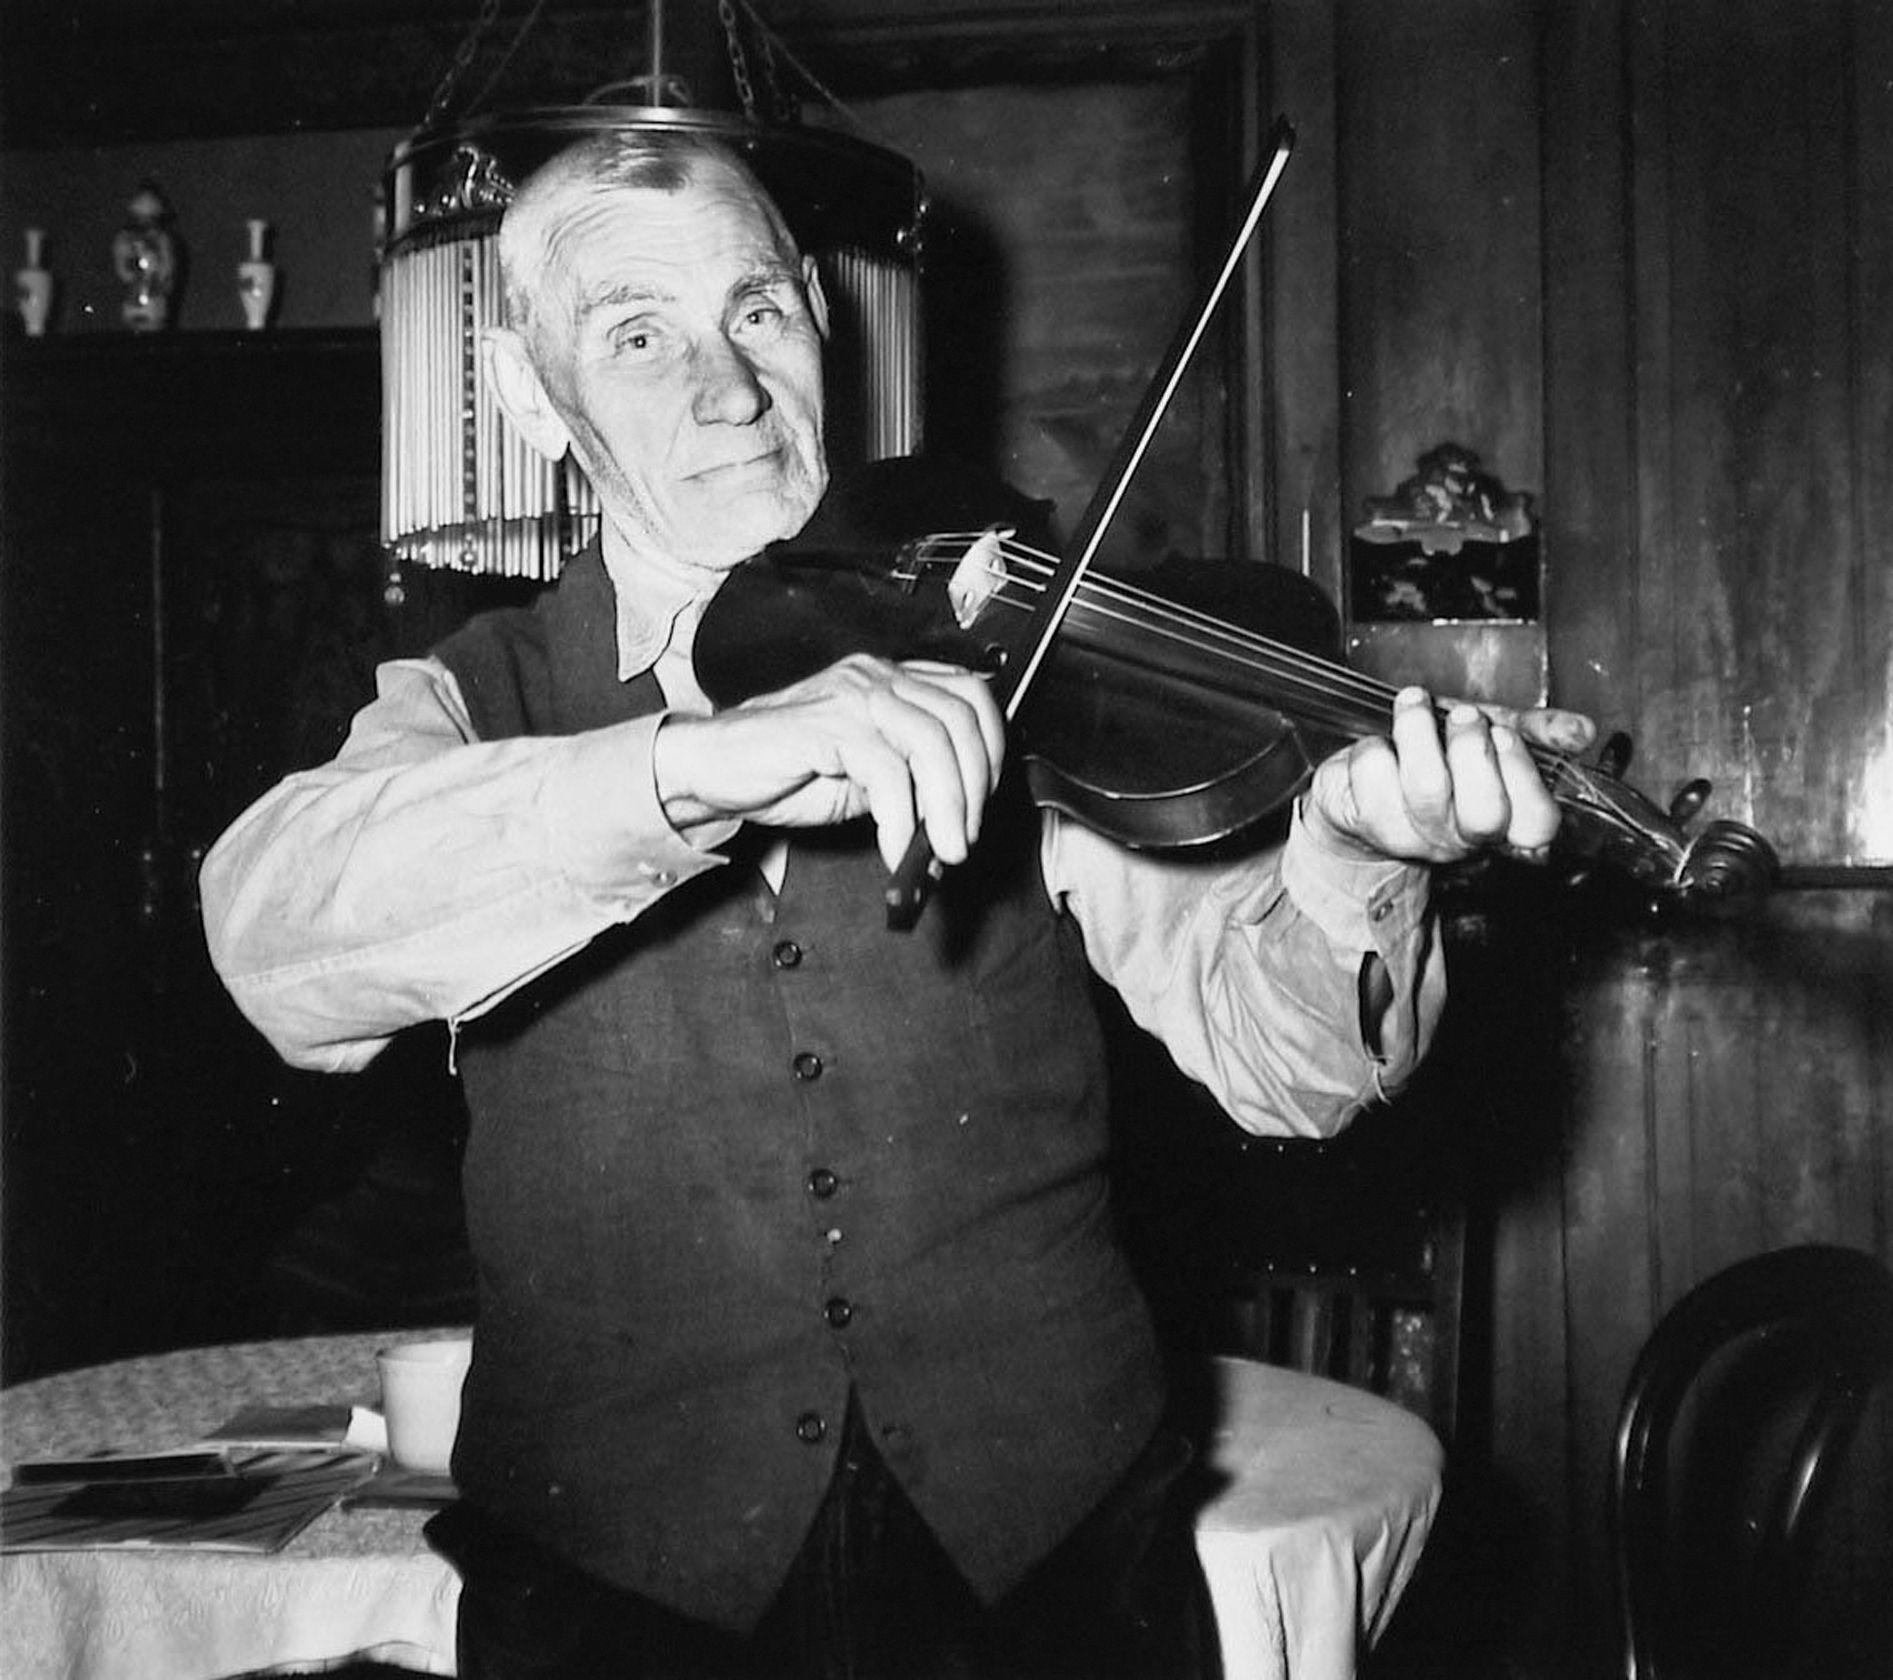 Jan Zuijdwegt, bijgenaamd Jan de Mandenmaker, uit Yerseke was mandenmaker en dorpsbarbier en speelde viool. (ZB, Beeldbank Zeeland)